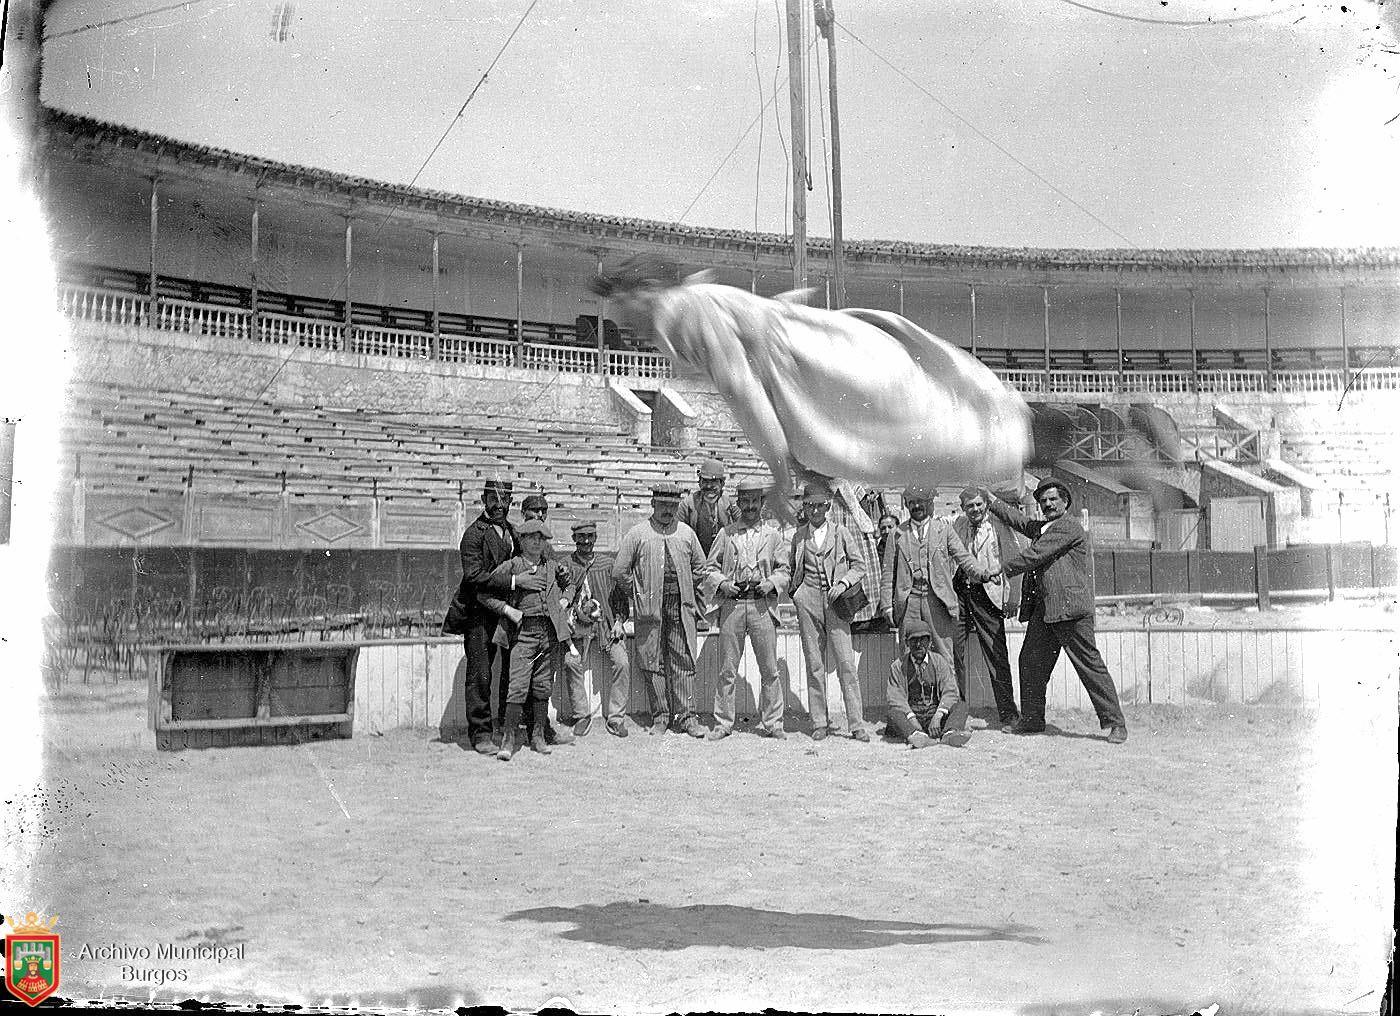 Acróbata de circo dando una voltereta en el aire en la Plaza de Toros de Burgos (circa 1893). Fotografía: Ayto. Burgos